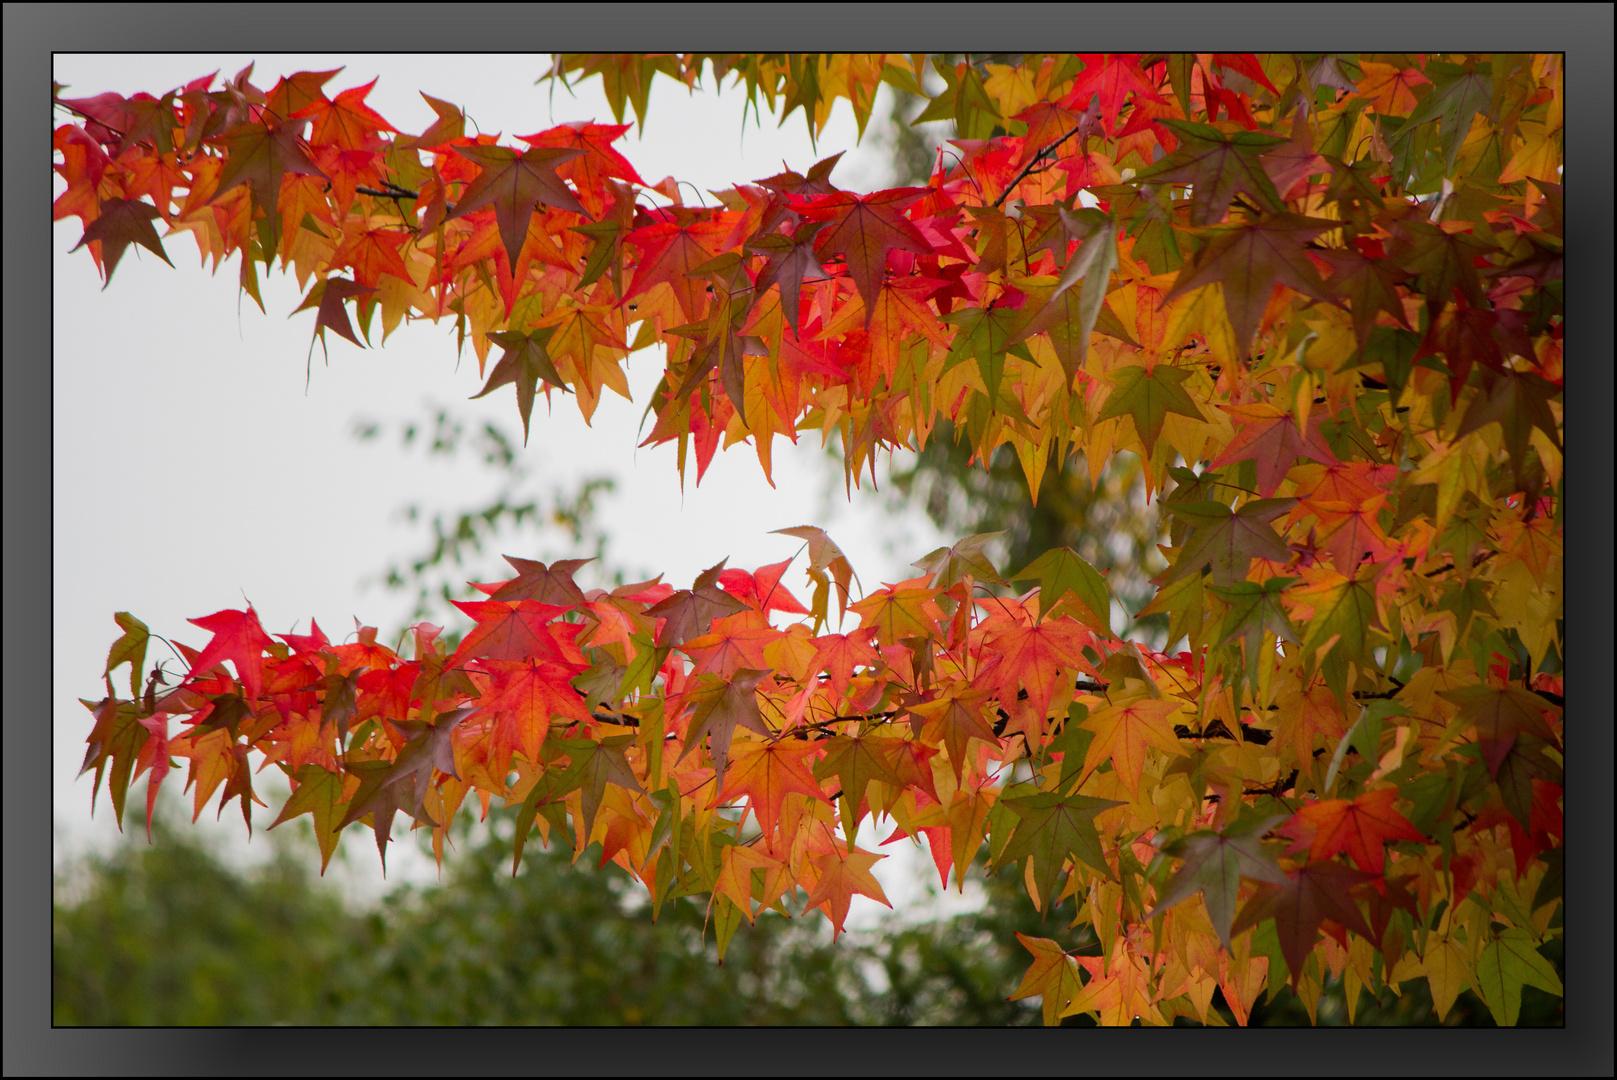 Herbst-Impressionen 10